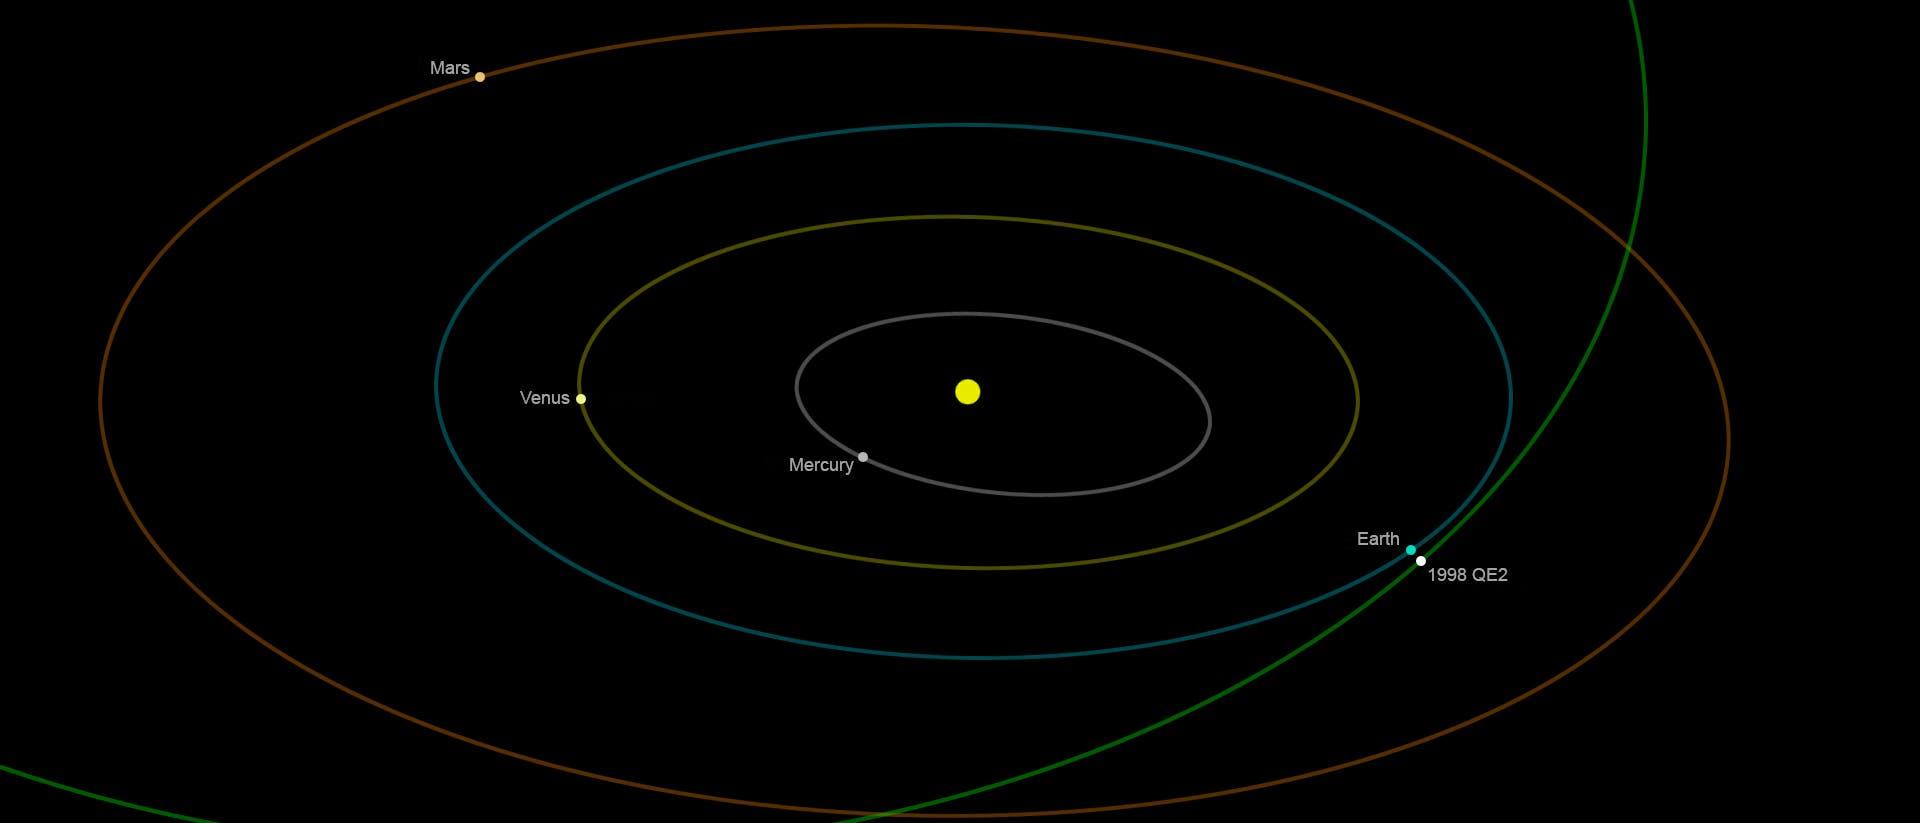 Die Bahn von 1998 QE2 durch das Sonnensystem